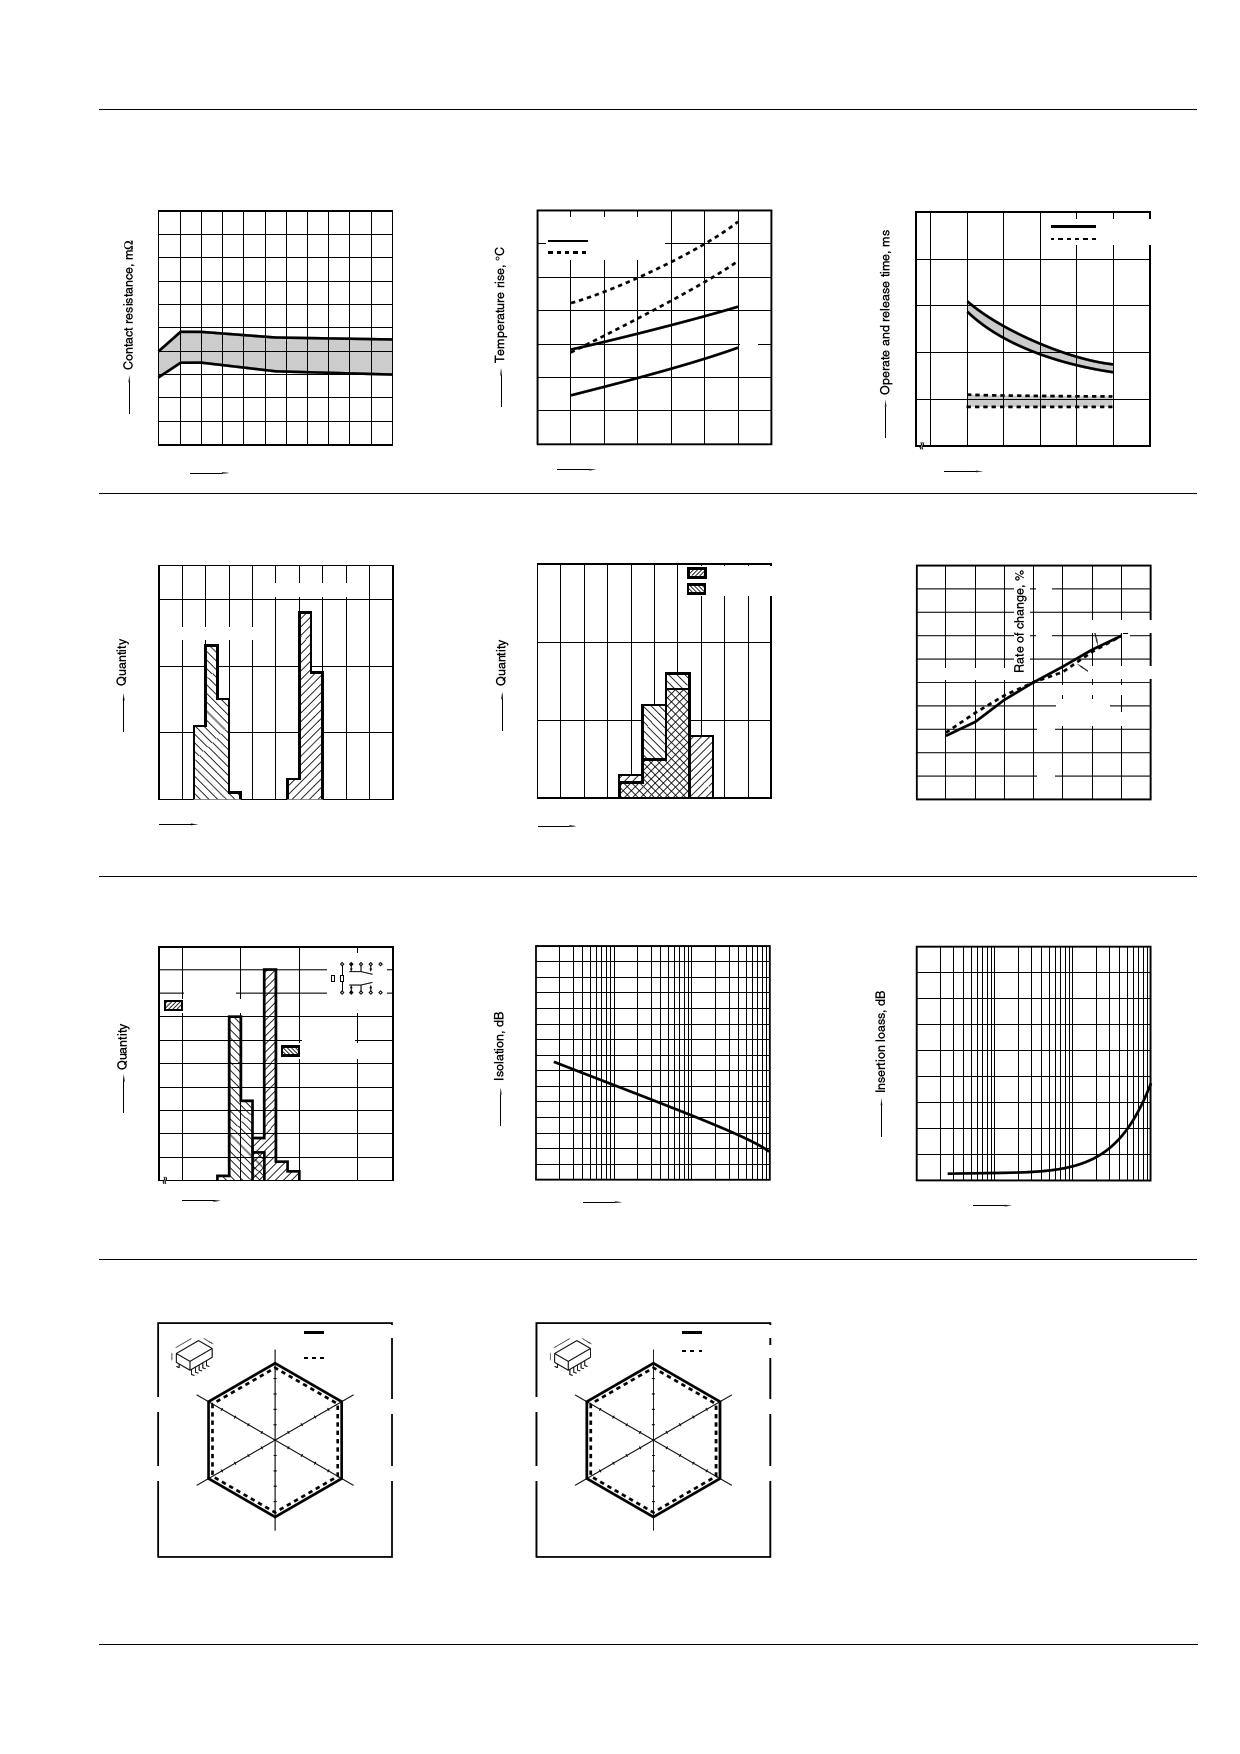 TQ2SS-L2-1.5V pdf, 반도체, 판매, 대치품